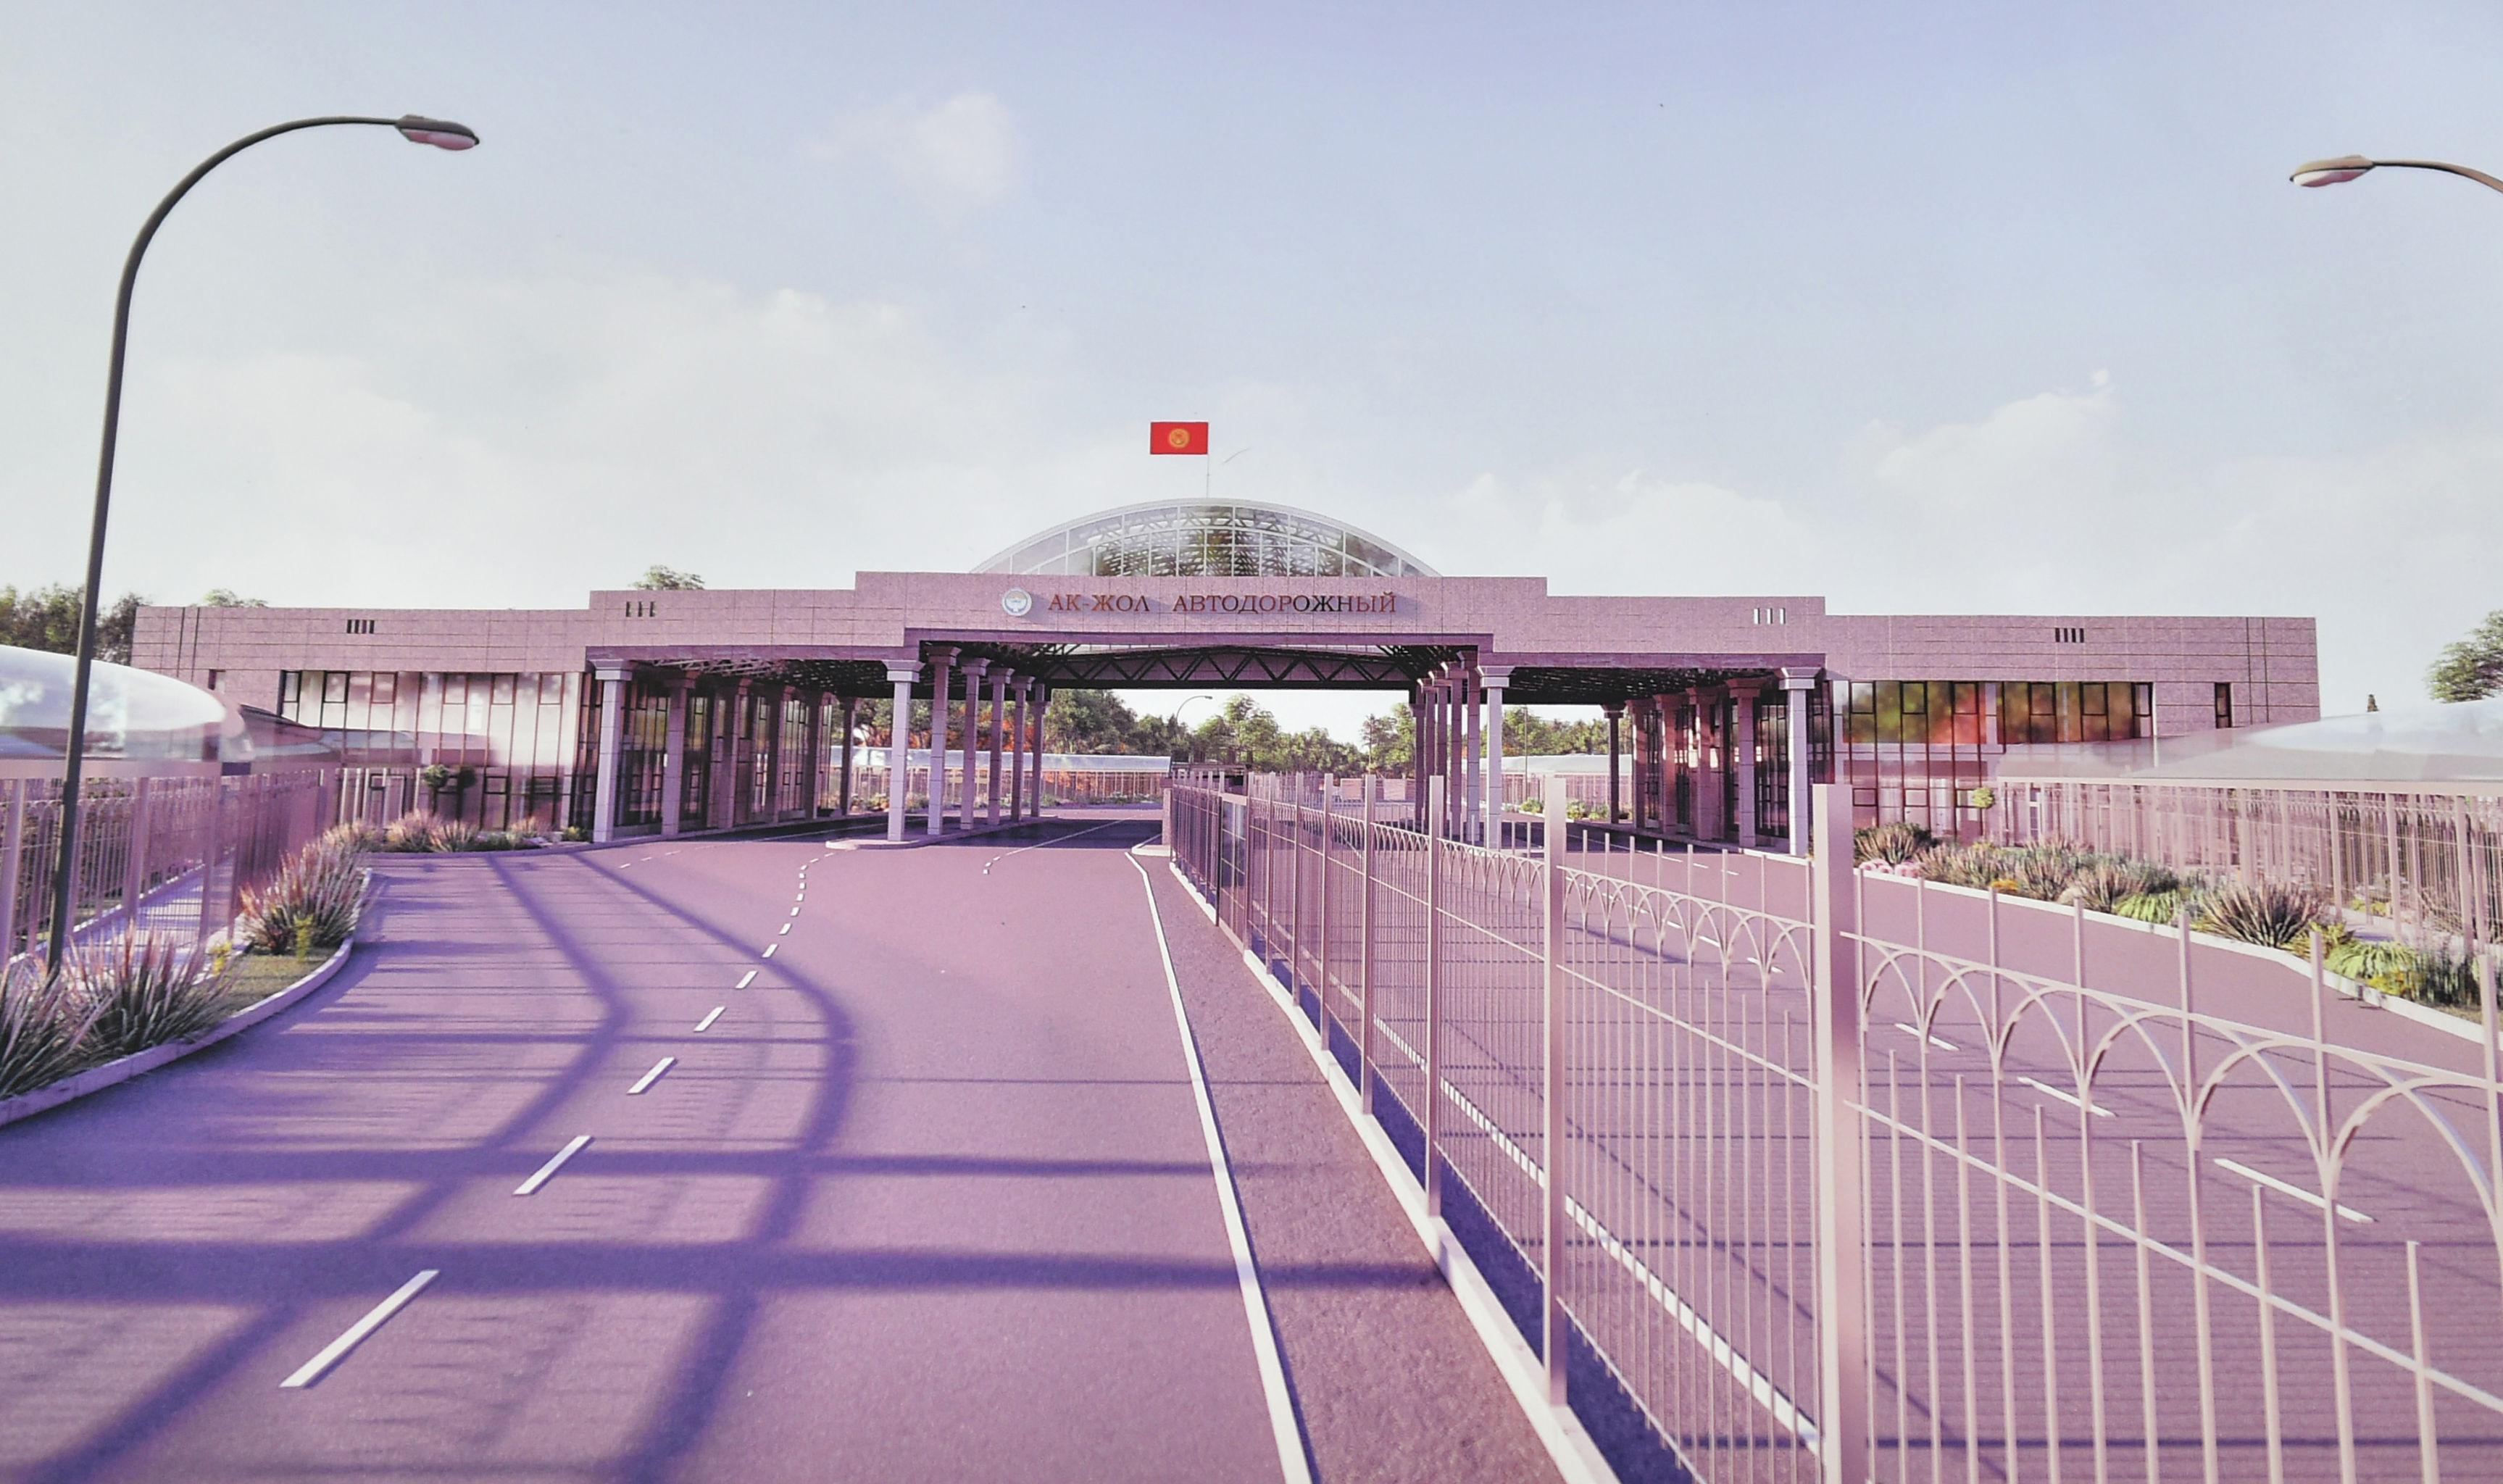 Эскиз современного пункта пропуска Ак-Жол – автодорожный на границе Кыргызстана и Казахстана.